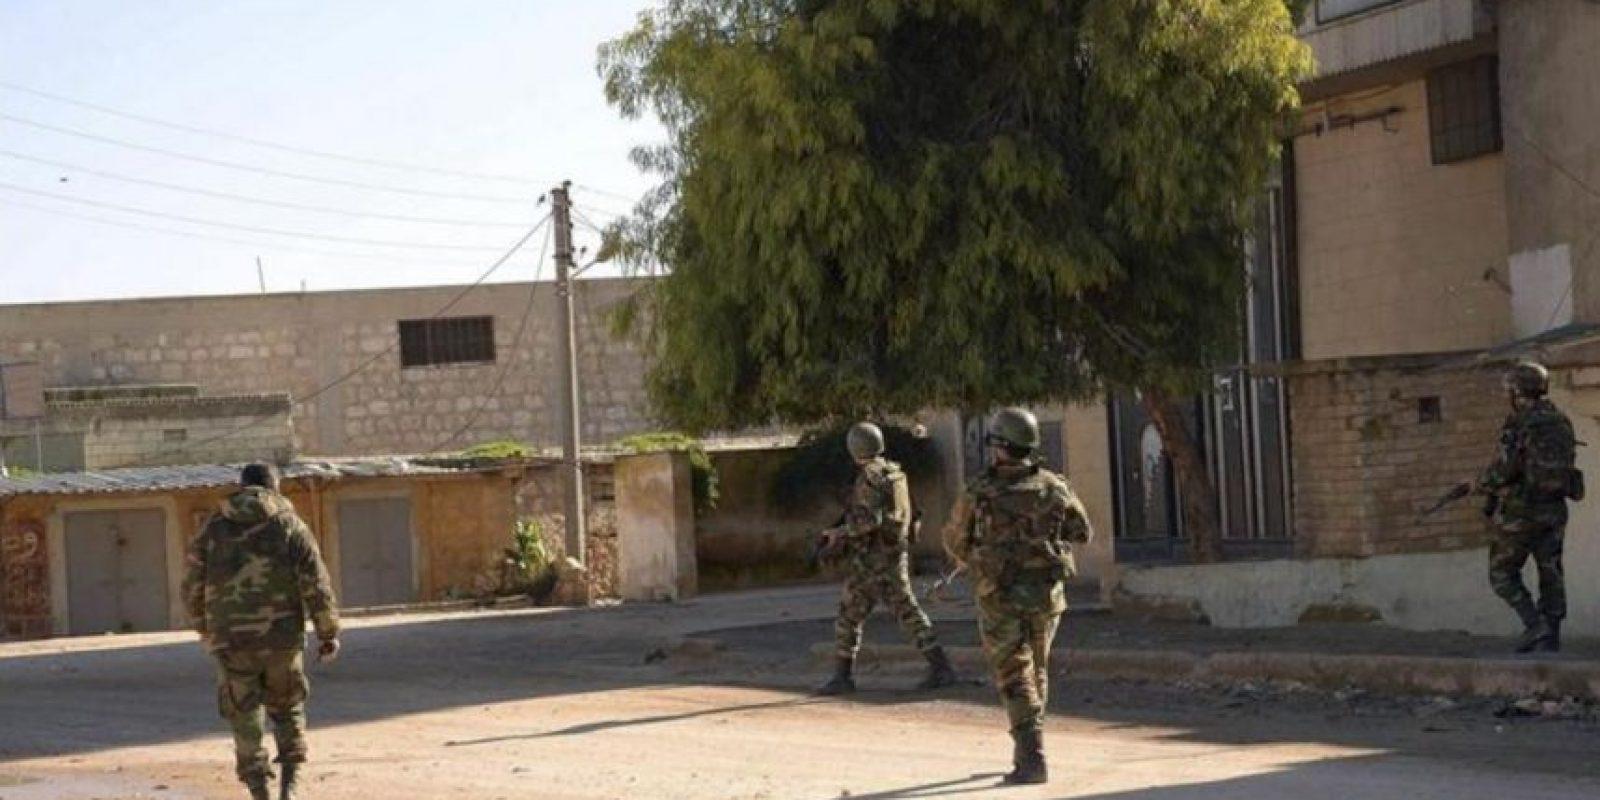 Imagen cedida por la agencia árabe siria de noticias (SANA), patrullando por Jebrin, en la provincia rural del Aleppo, Siria, el pasado jueves. EFE